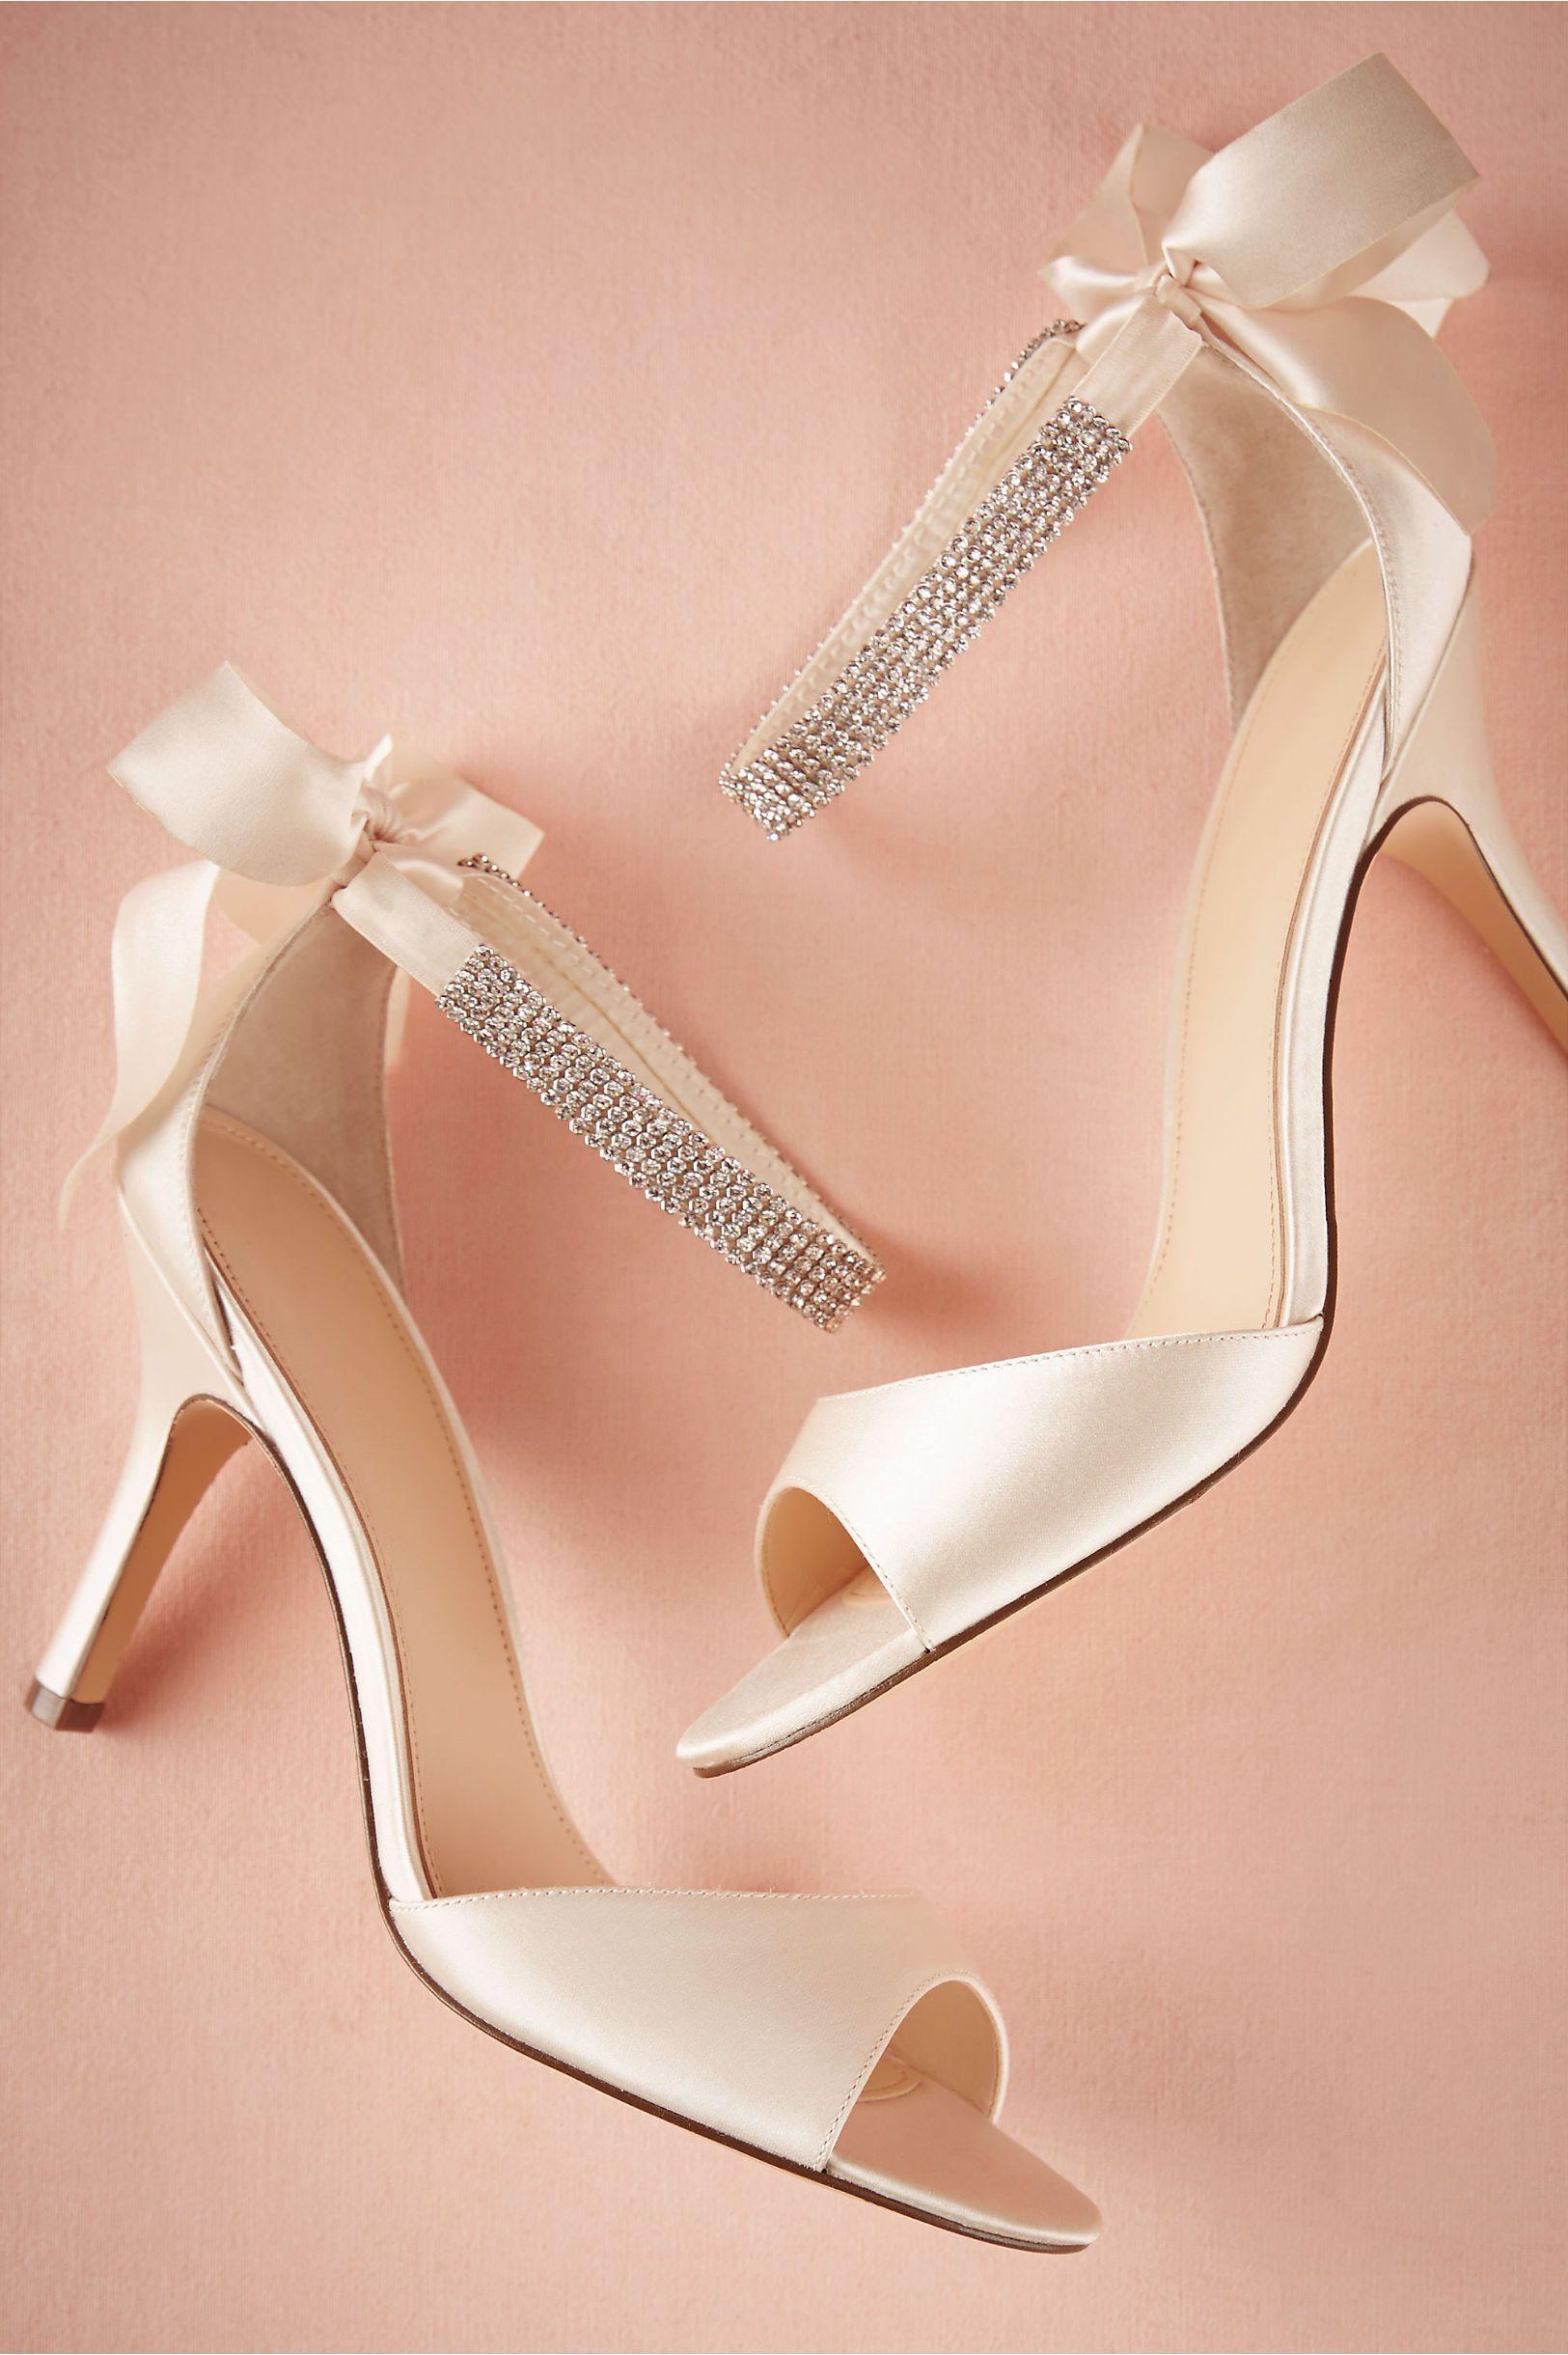 ad8cac61 Zapatos para la boda con estilo, consejos para elegir..... | Sposamore blog  ,Las novias se casan,Blog Matrimonio